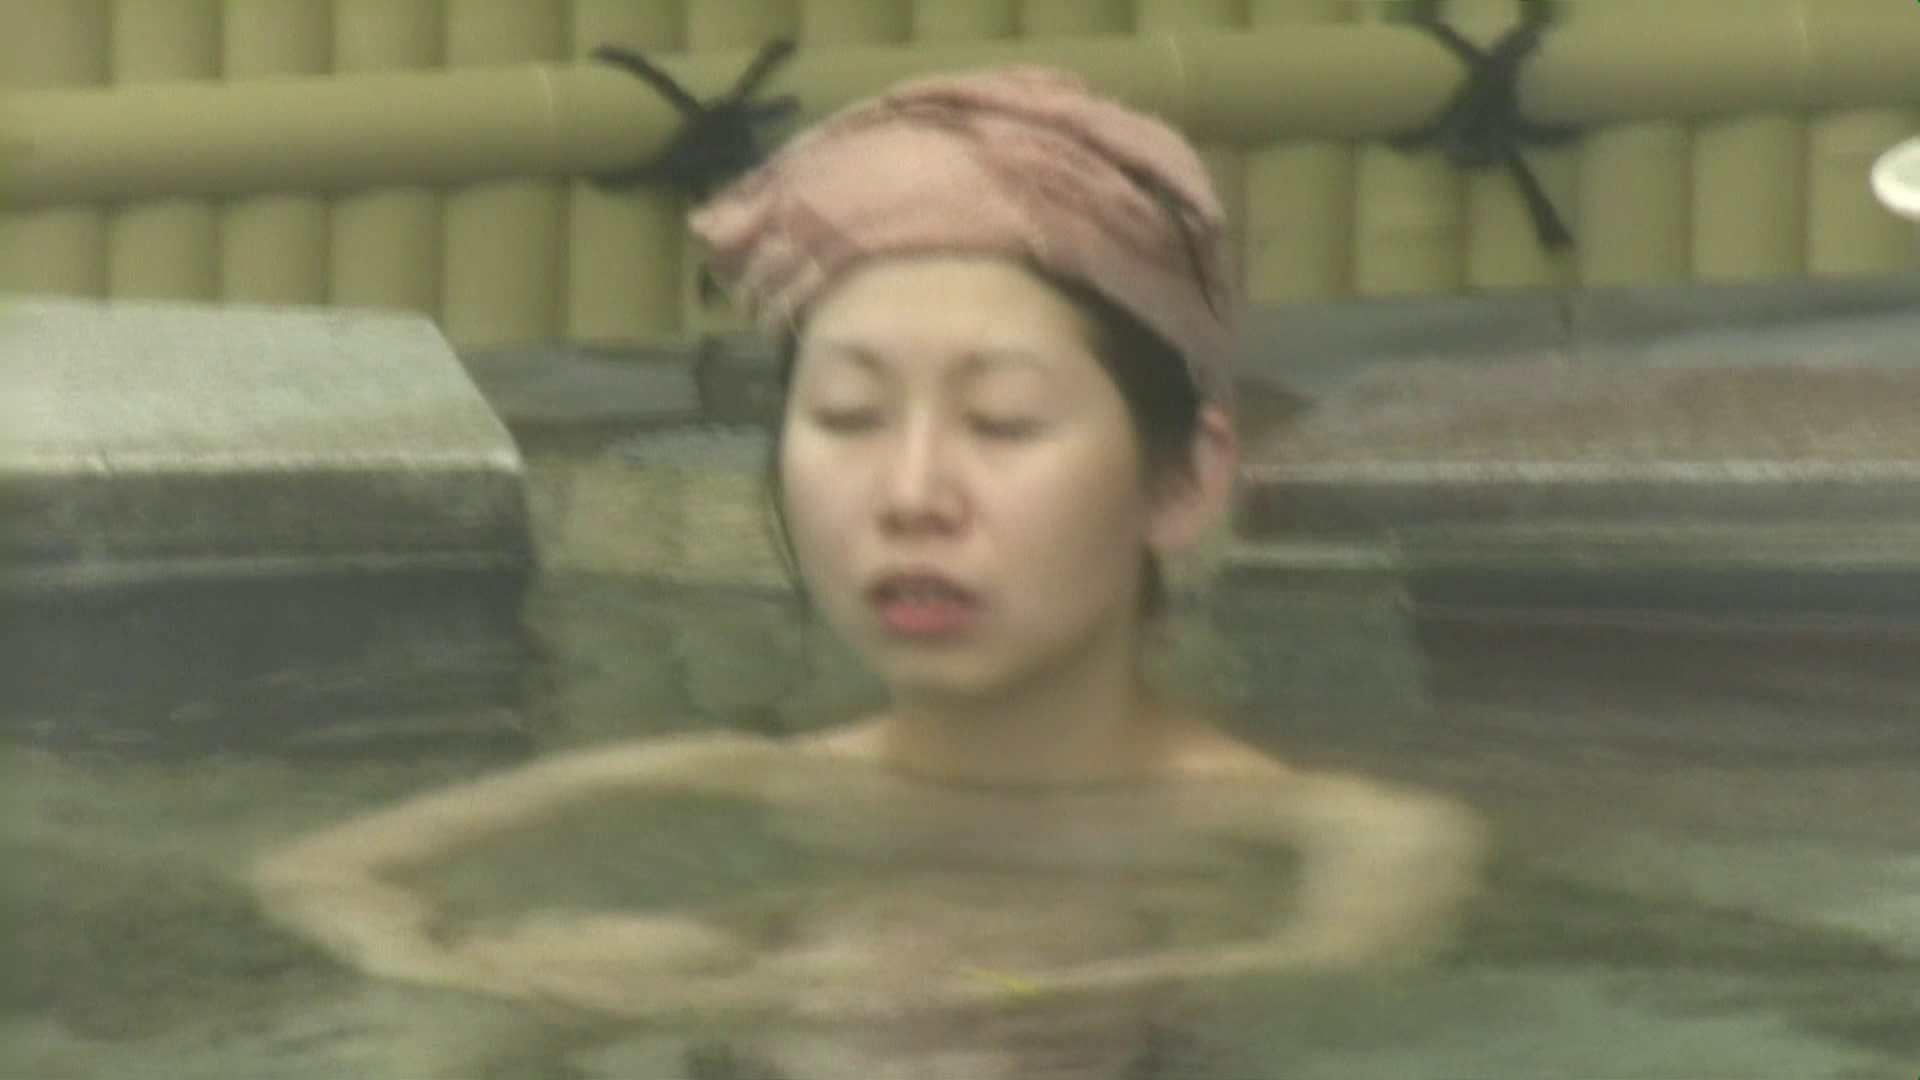 高画質露天女風呂観察 vol.023 OLエロ画像 覗きワレメ動画紹介 50PICs 37